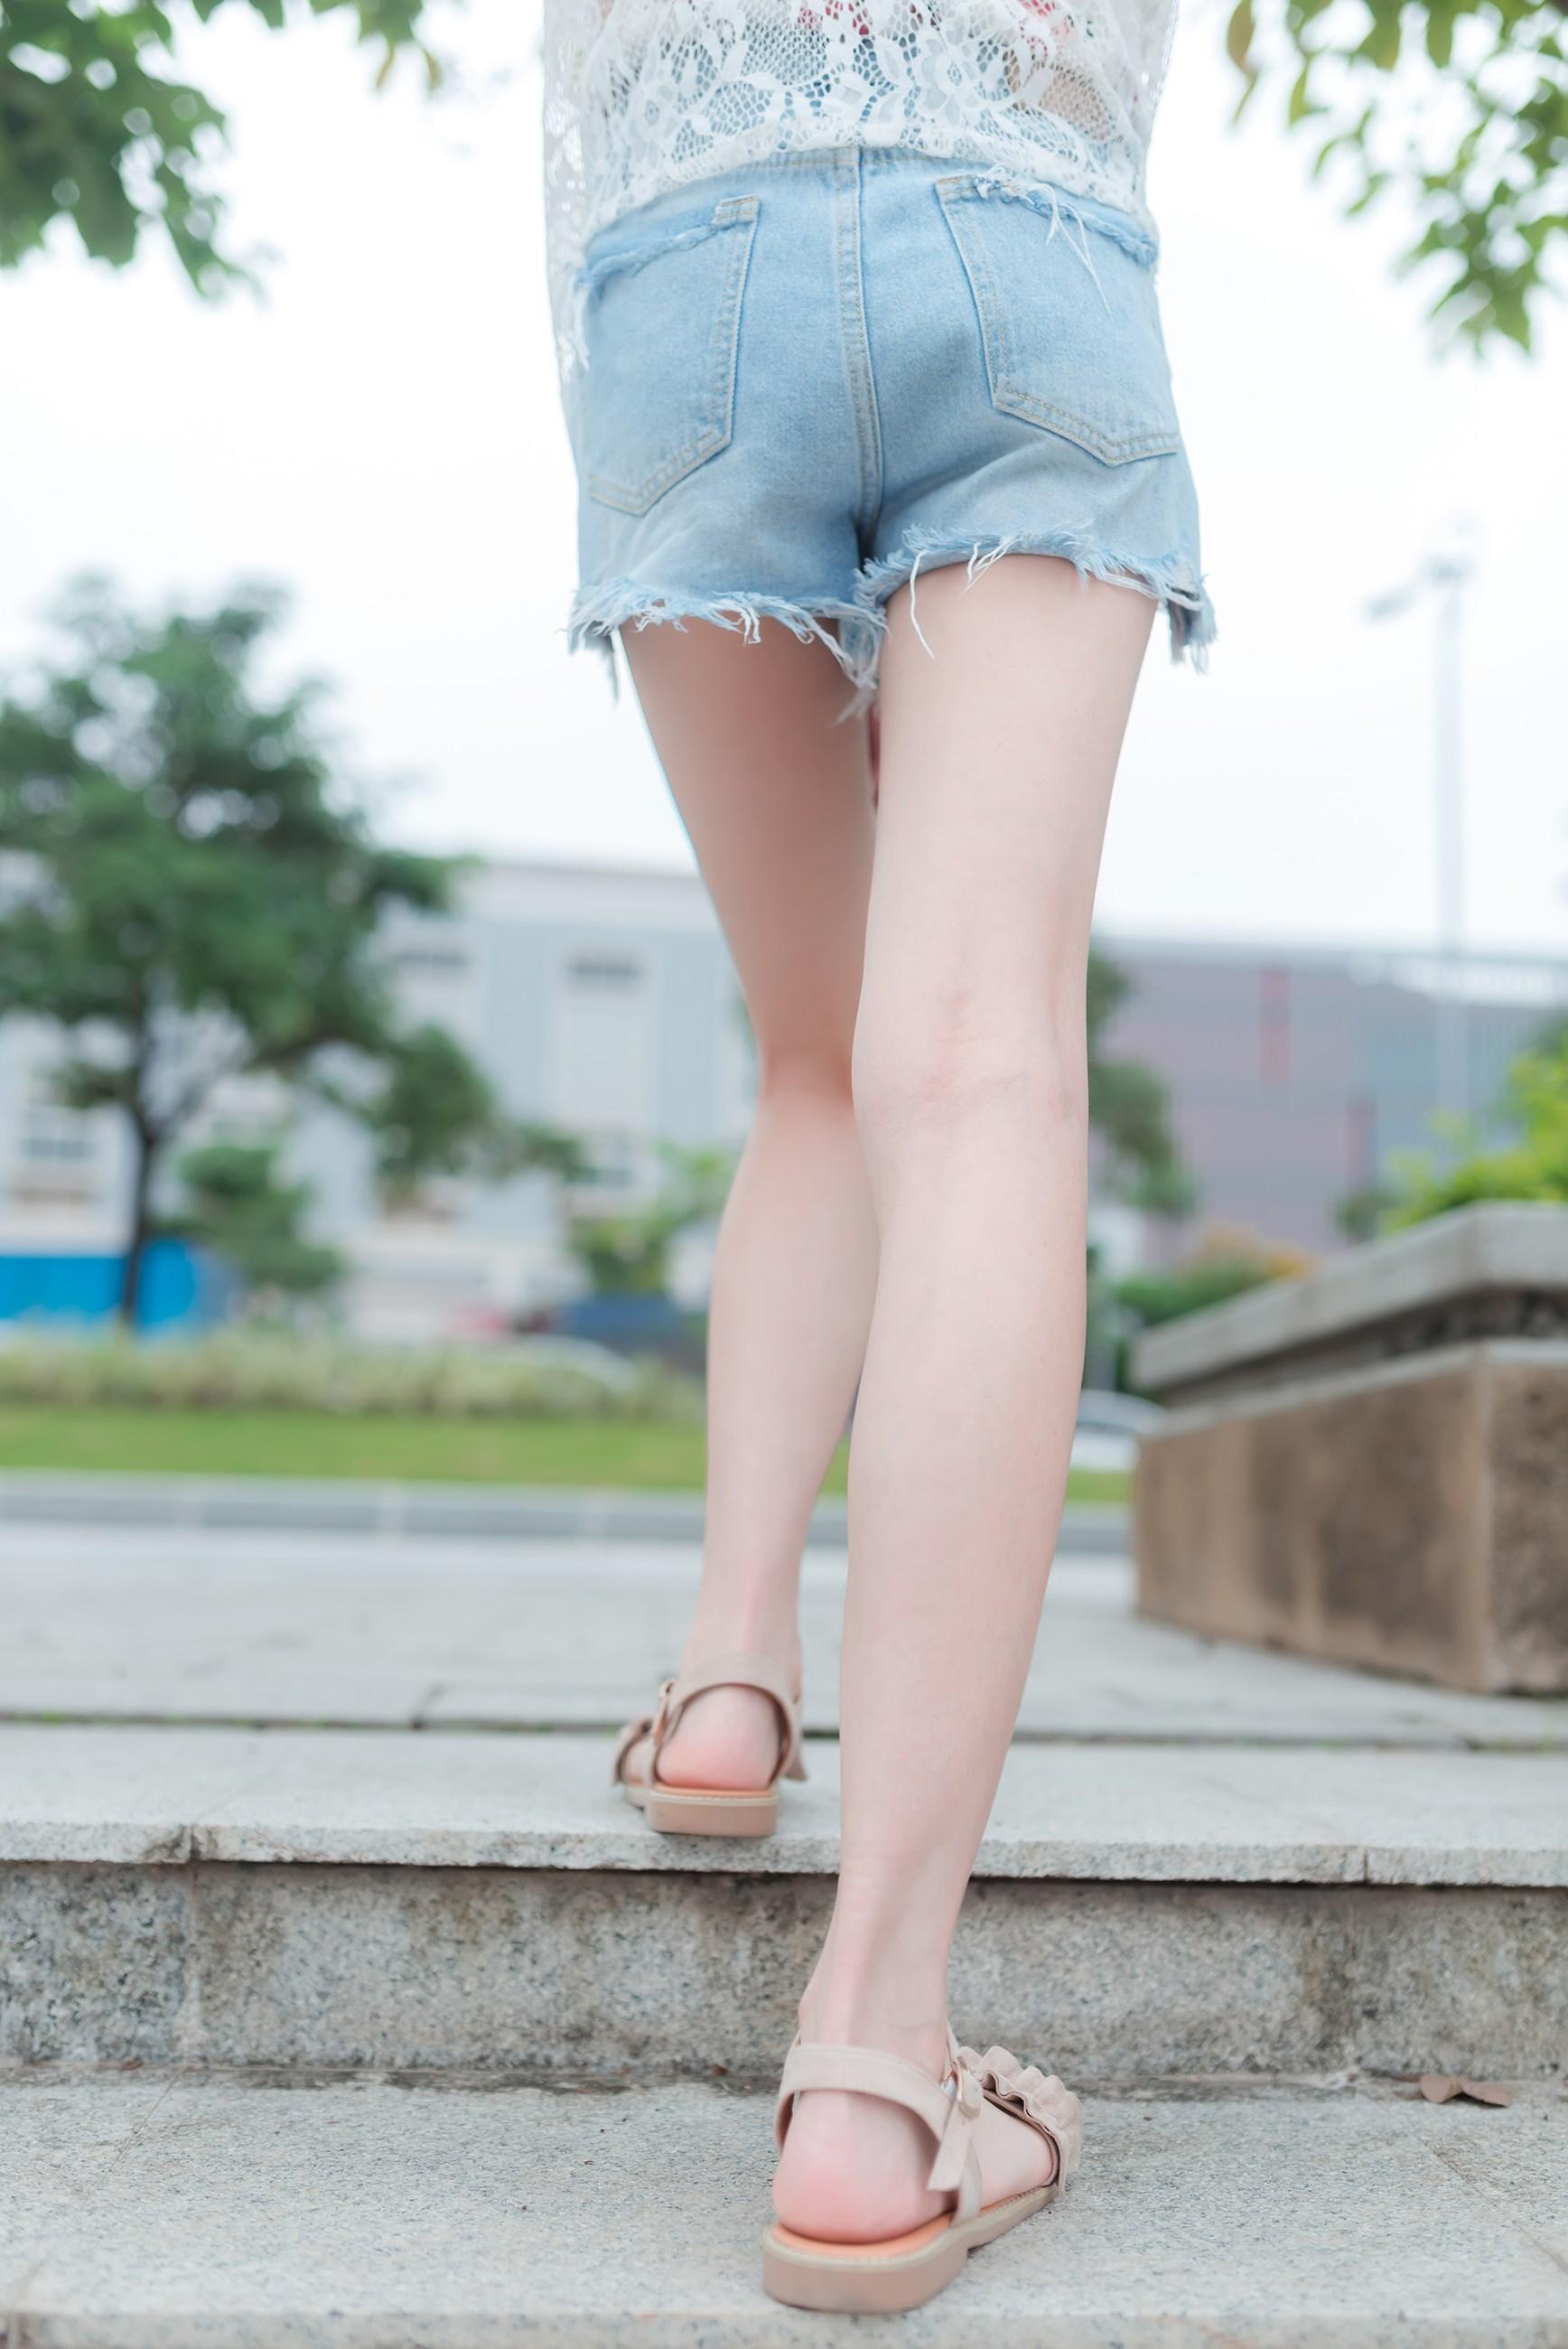 【兔玩映画】果腿福利 兔玩映画 第34张